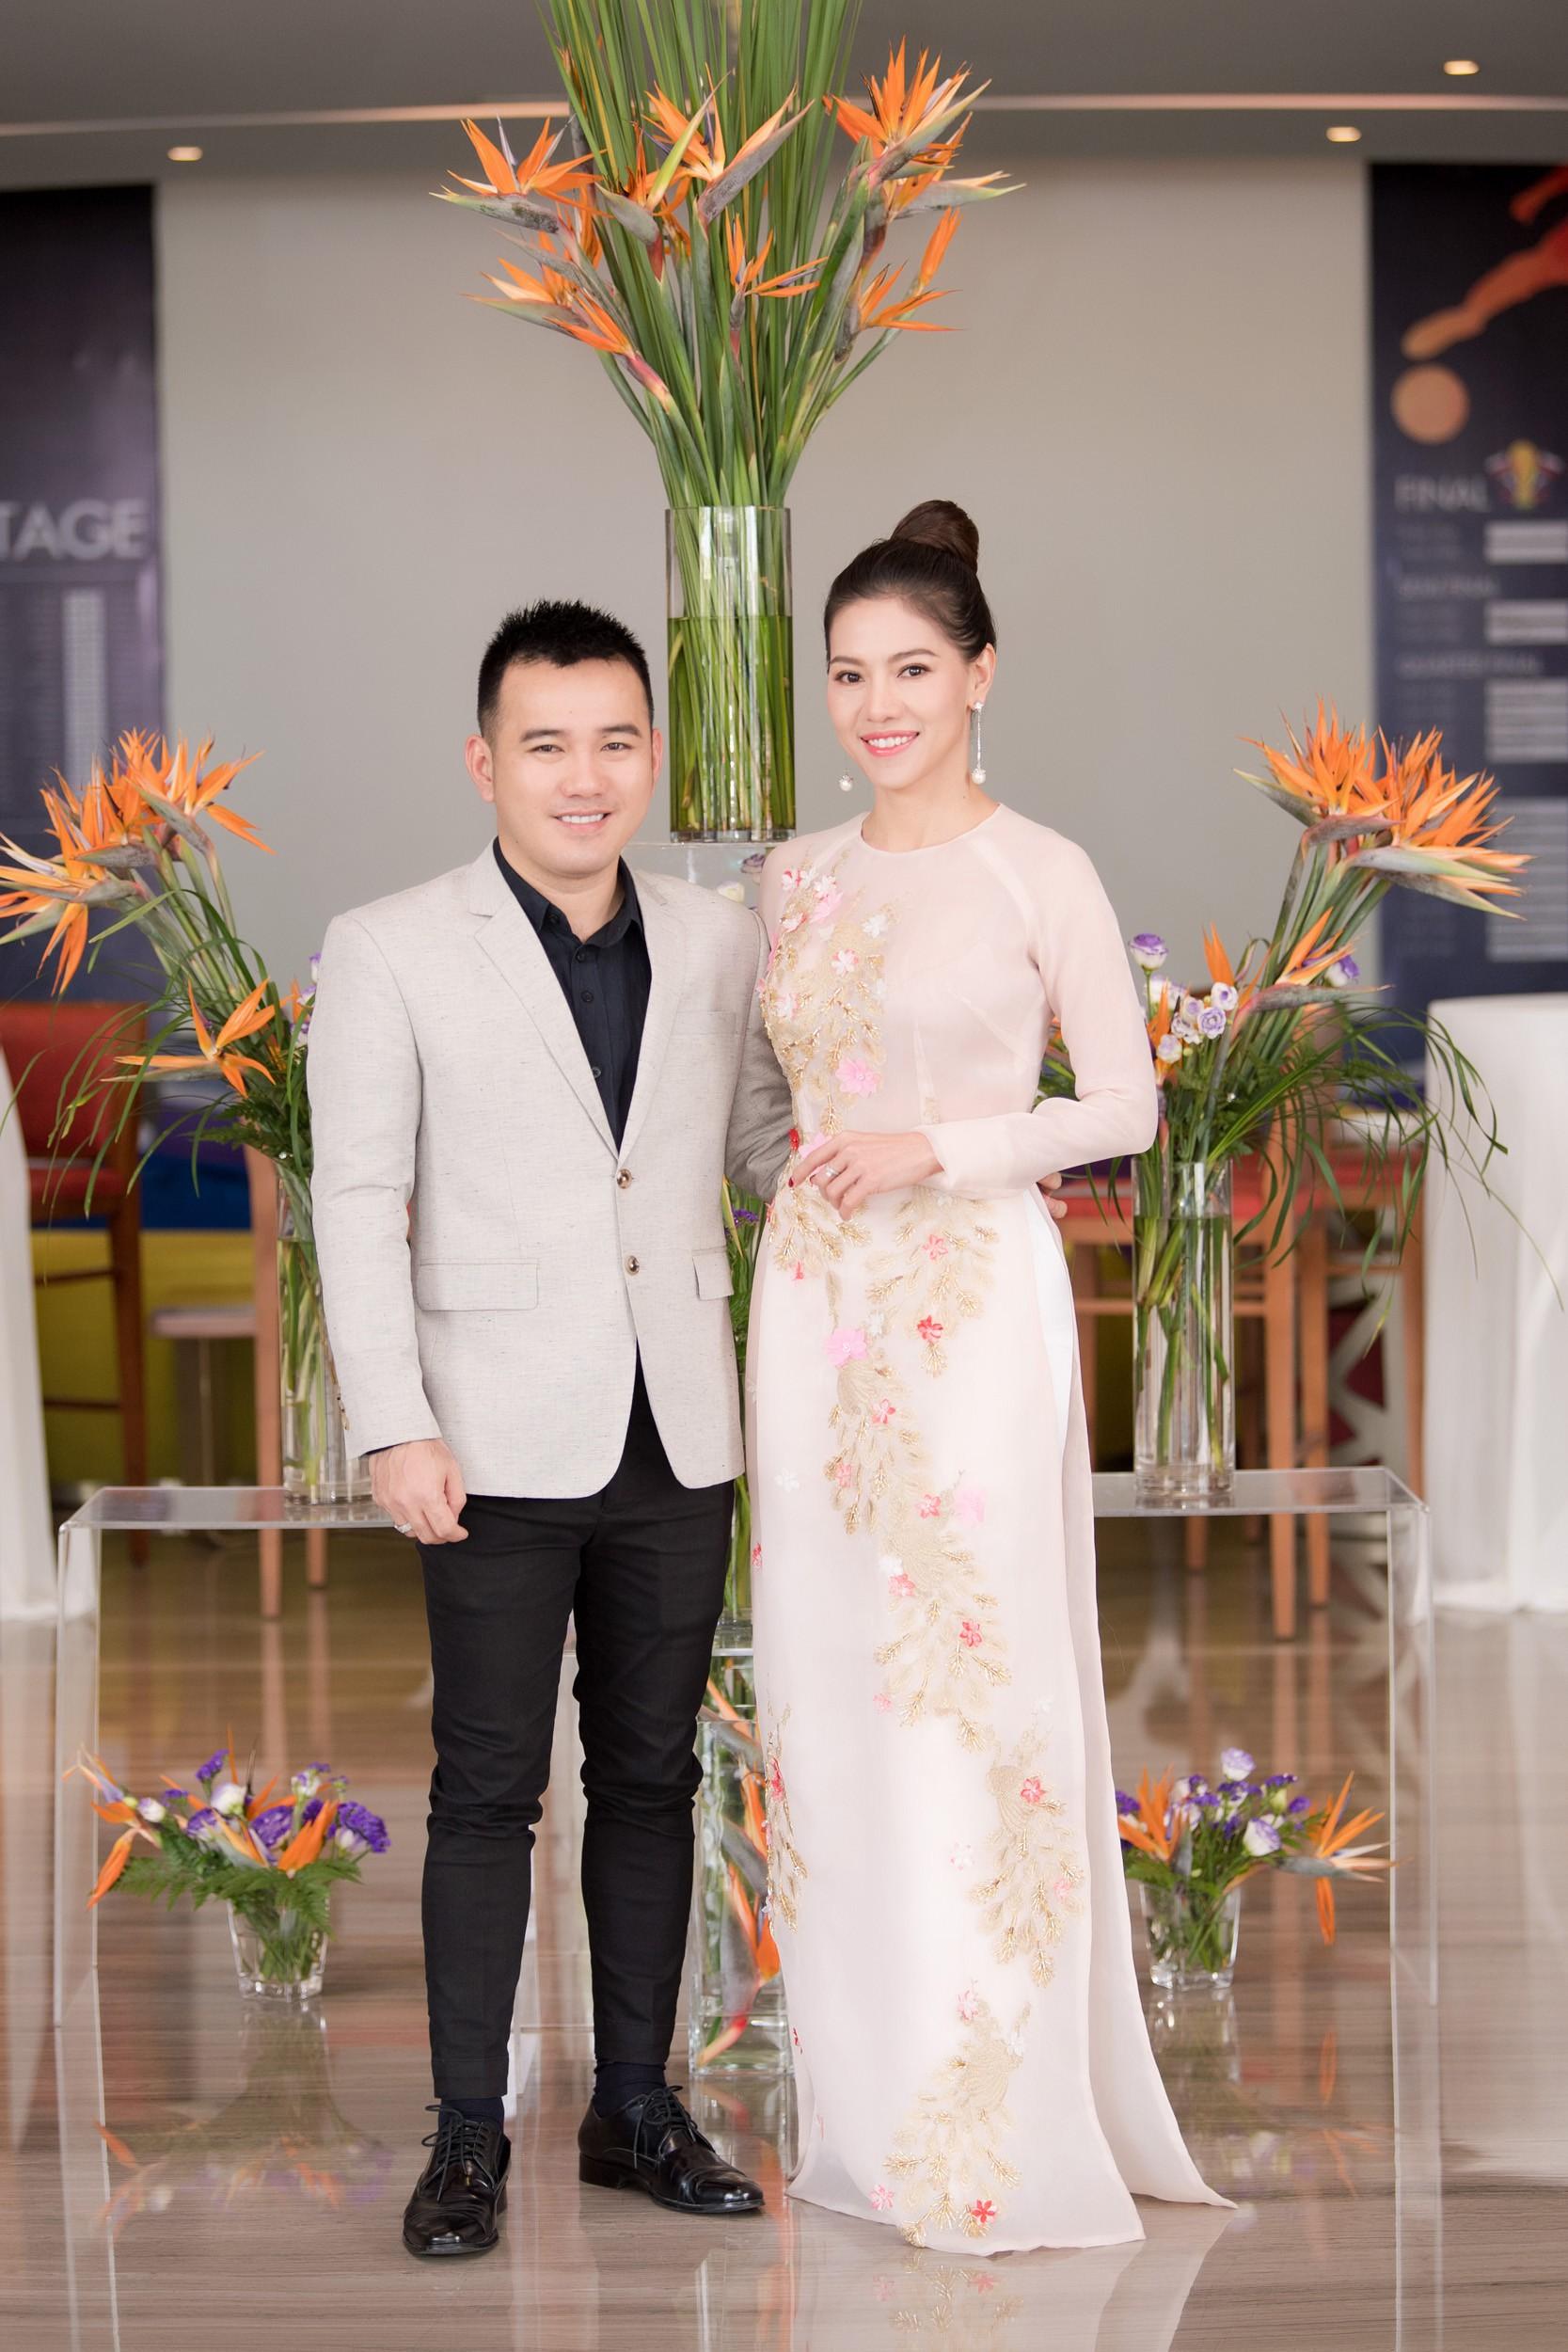 Hoa hậu Việt Nam 2018 mời bác sĩ nha khoa, nhân trắc học nhiều lần tránh để lọt thí sinh phẫu thuật thẩm mỹ - Ảnh 3.